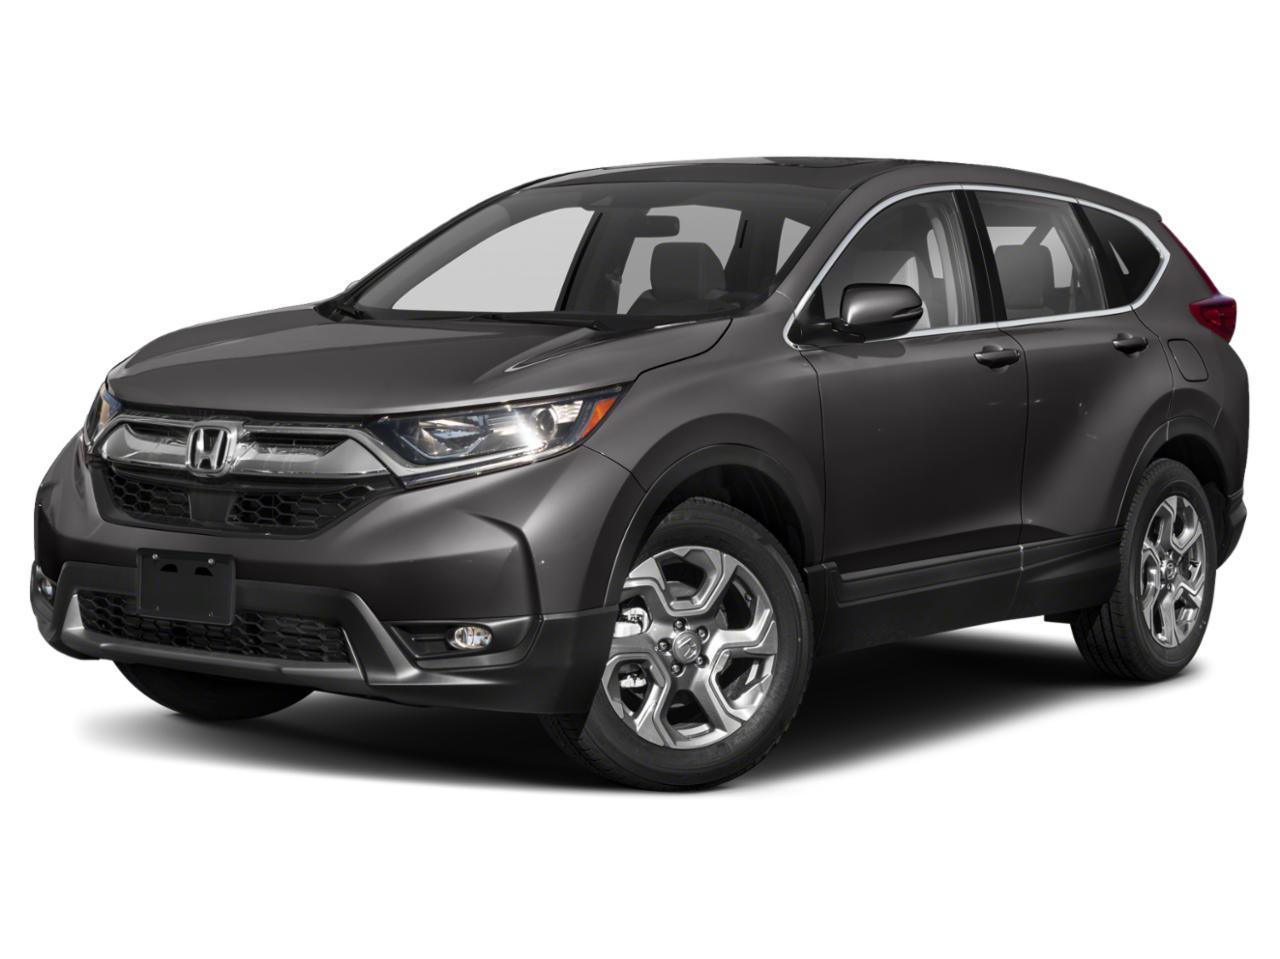 2019 Honda CR-V Vehicle Photo in MADISON, WI 53713-3220